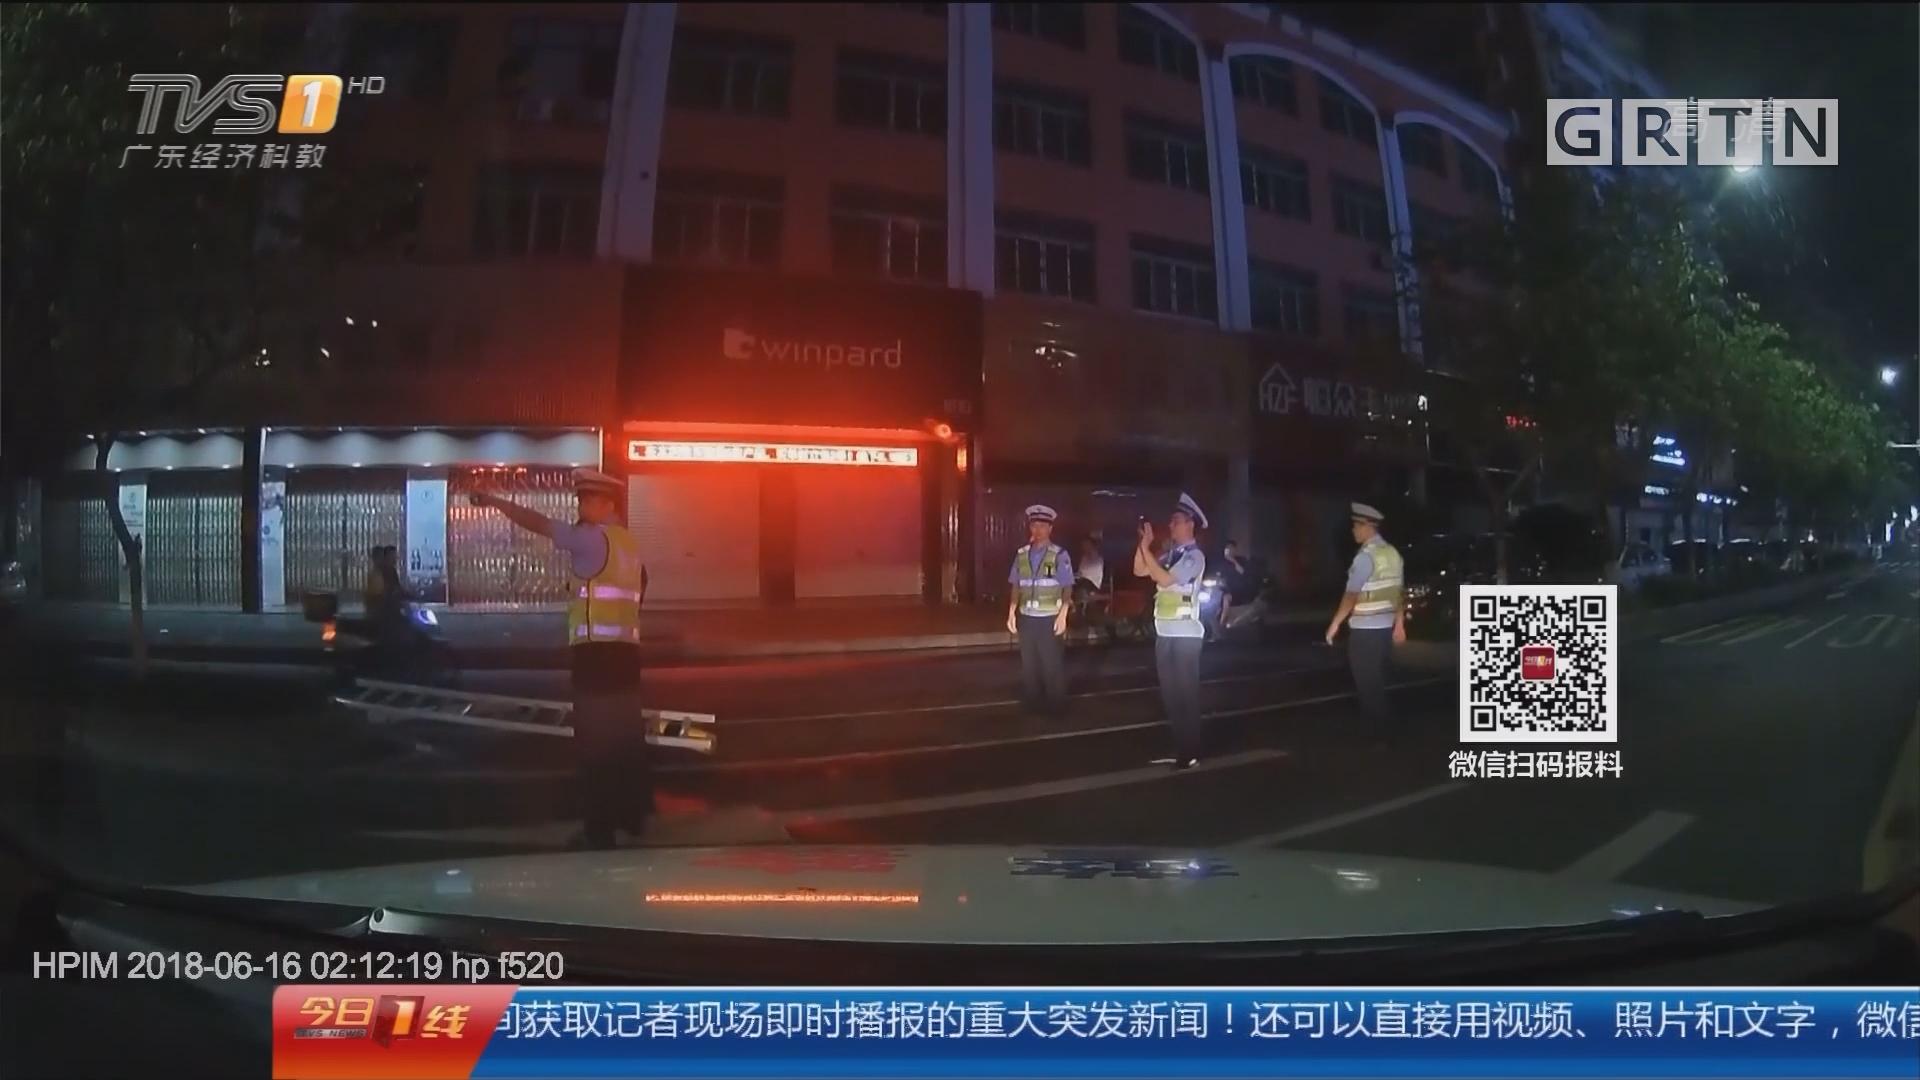 交通安全:揭阳榕城 男子遇查车逃逸 撞车后被抓